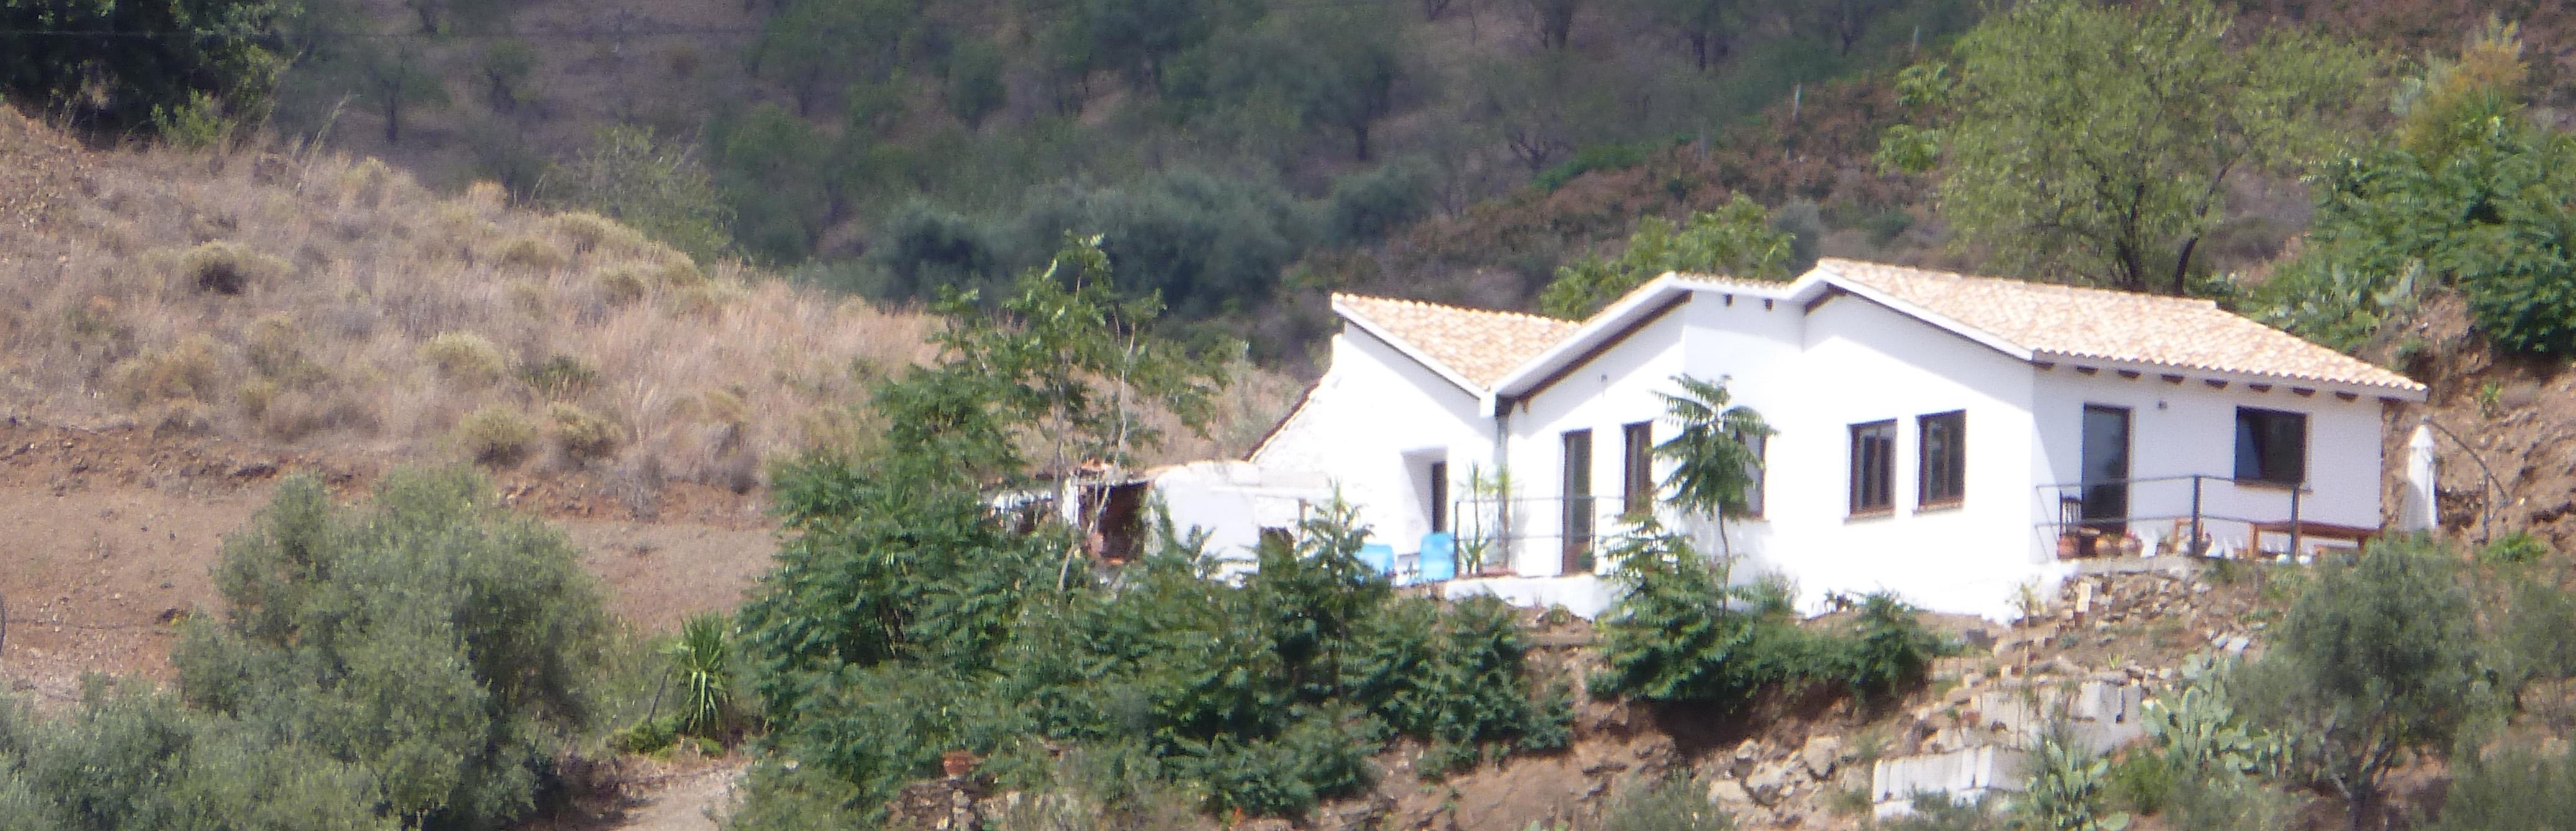 Blick vom anderen Hügel